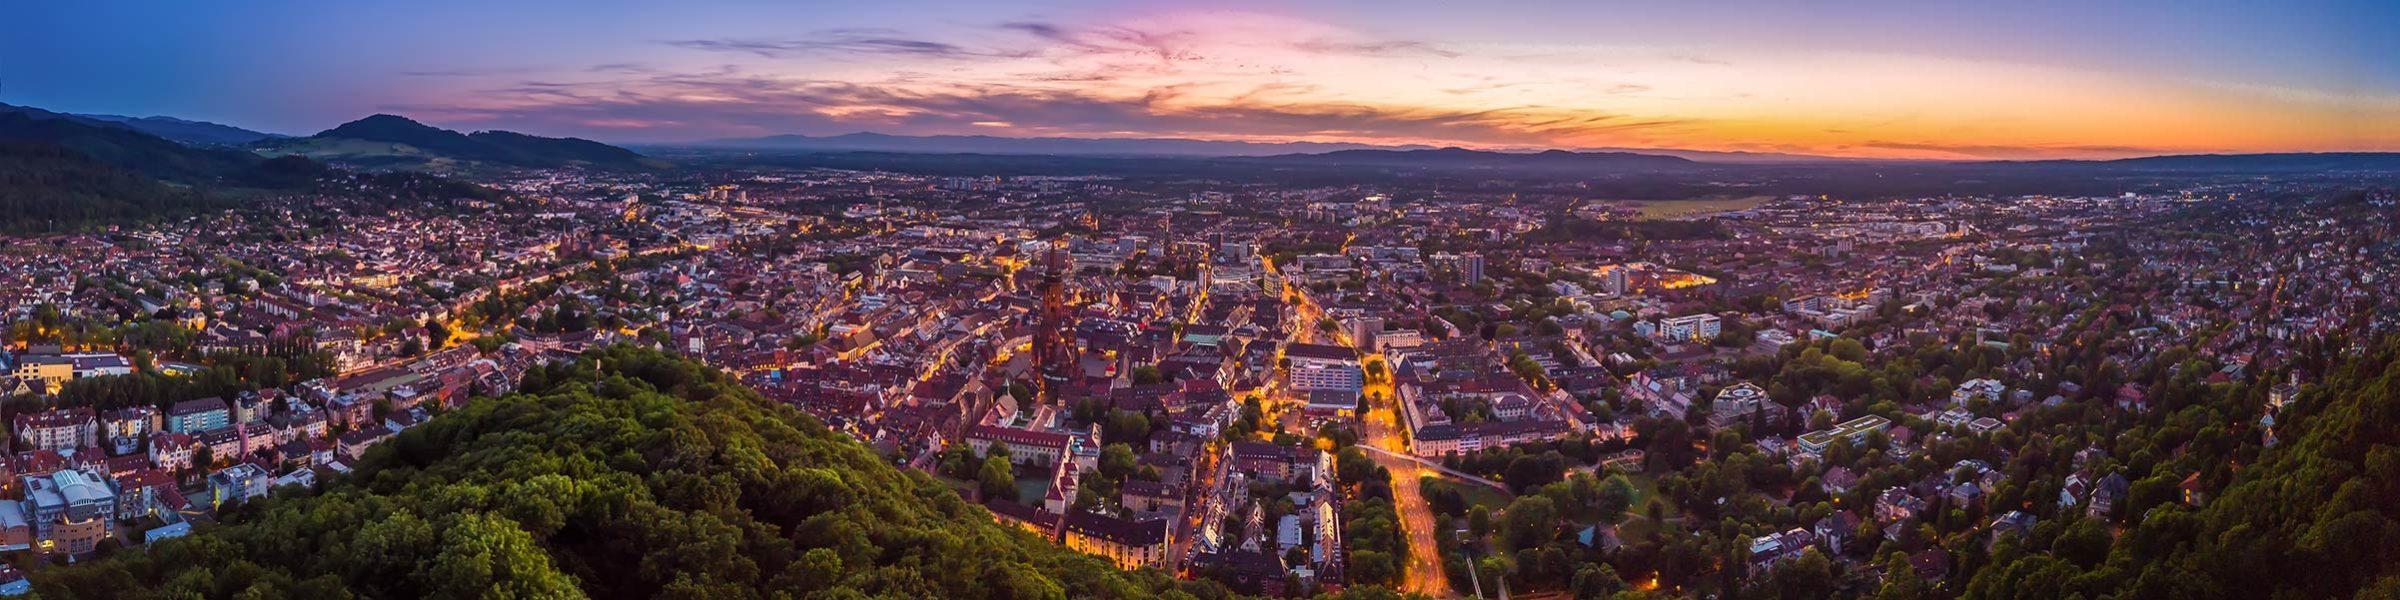 Freiburg-Panorama Bürotechnik Rombach